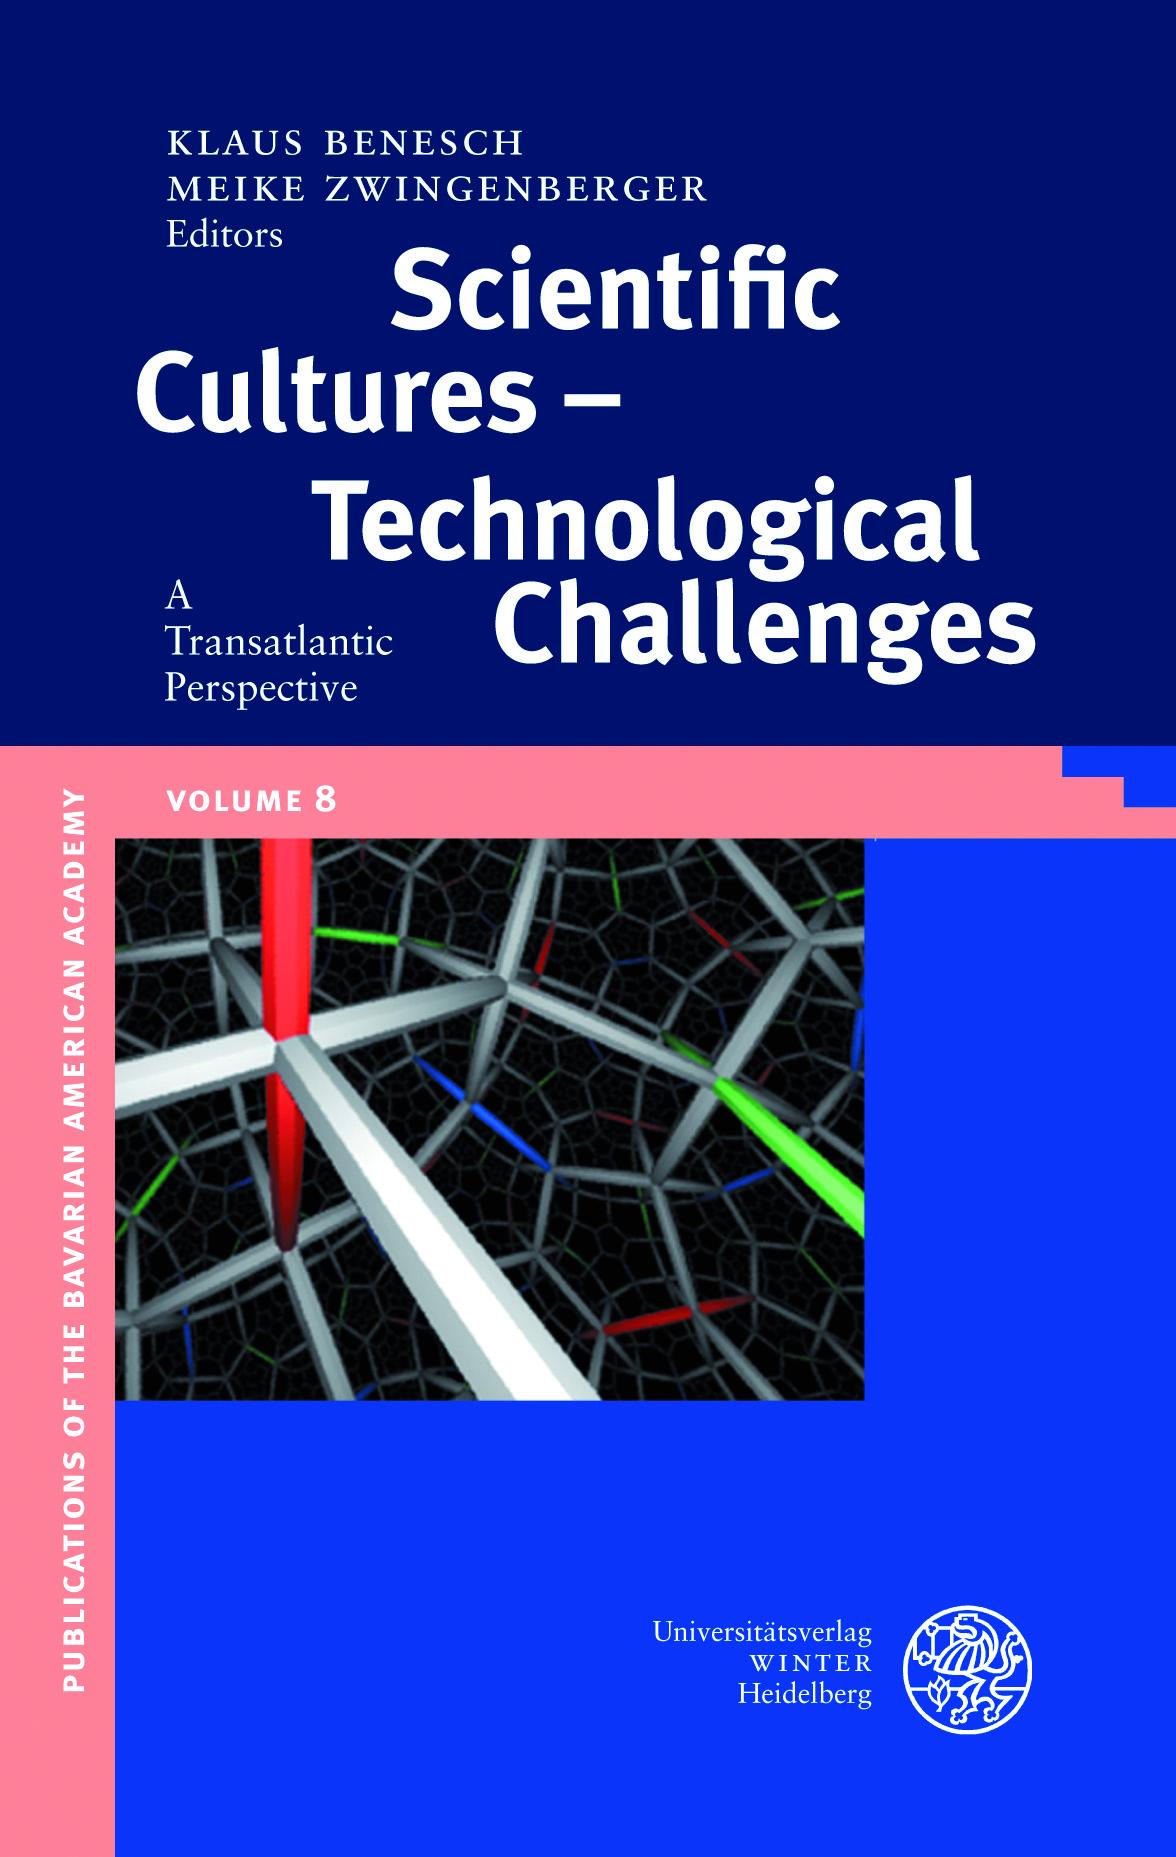 Scientific Cultures